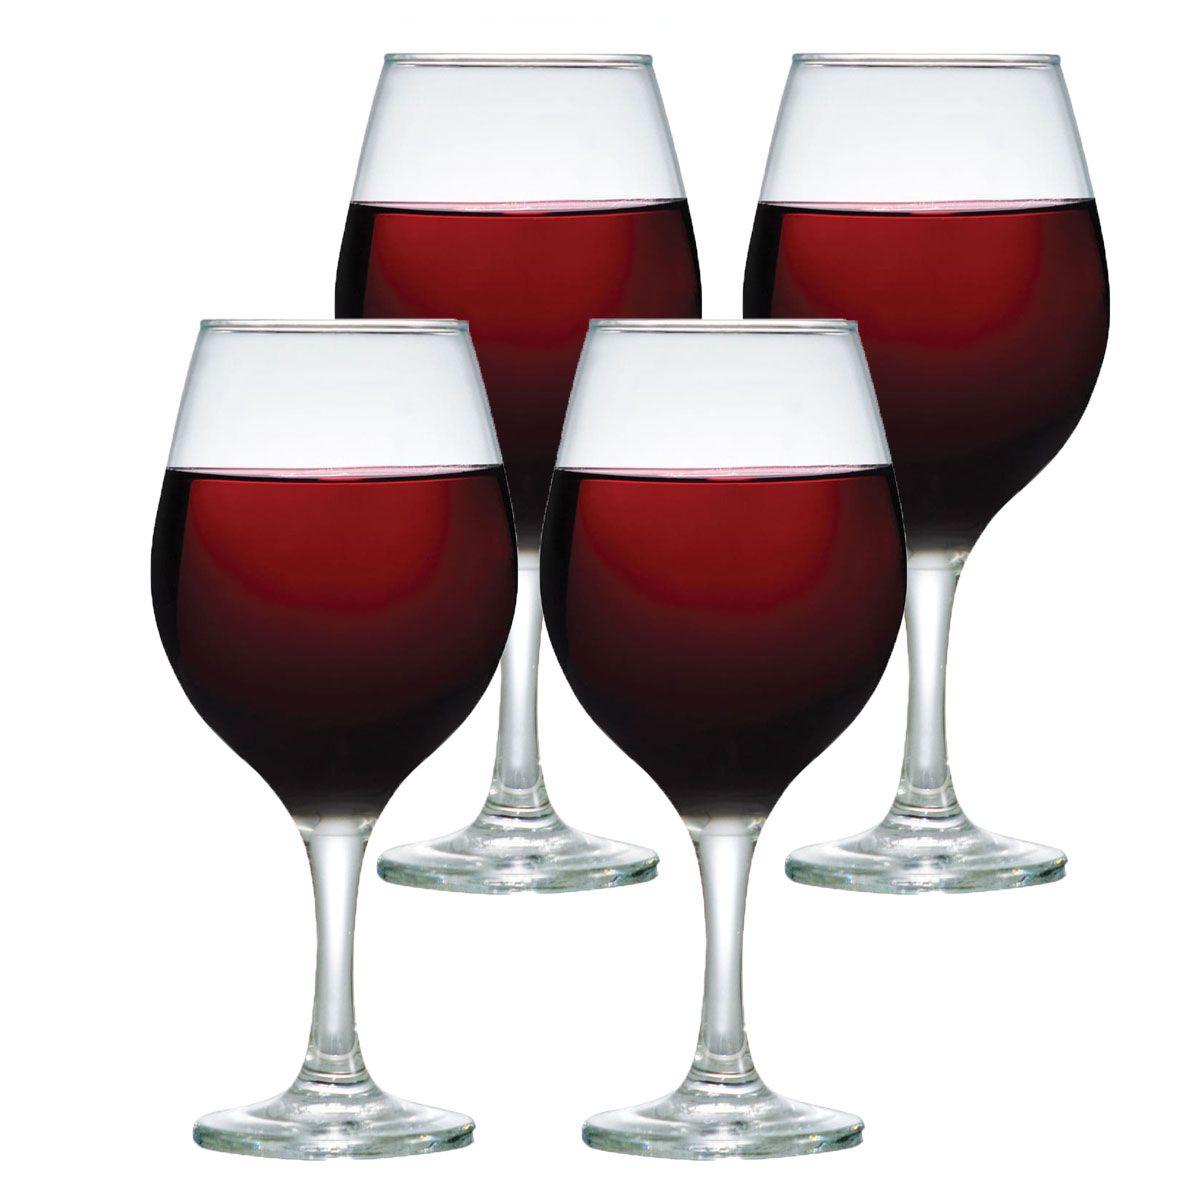 Jogo de Taças de Vinho Bordeaux One 600ml 4 Pcs